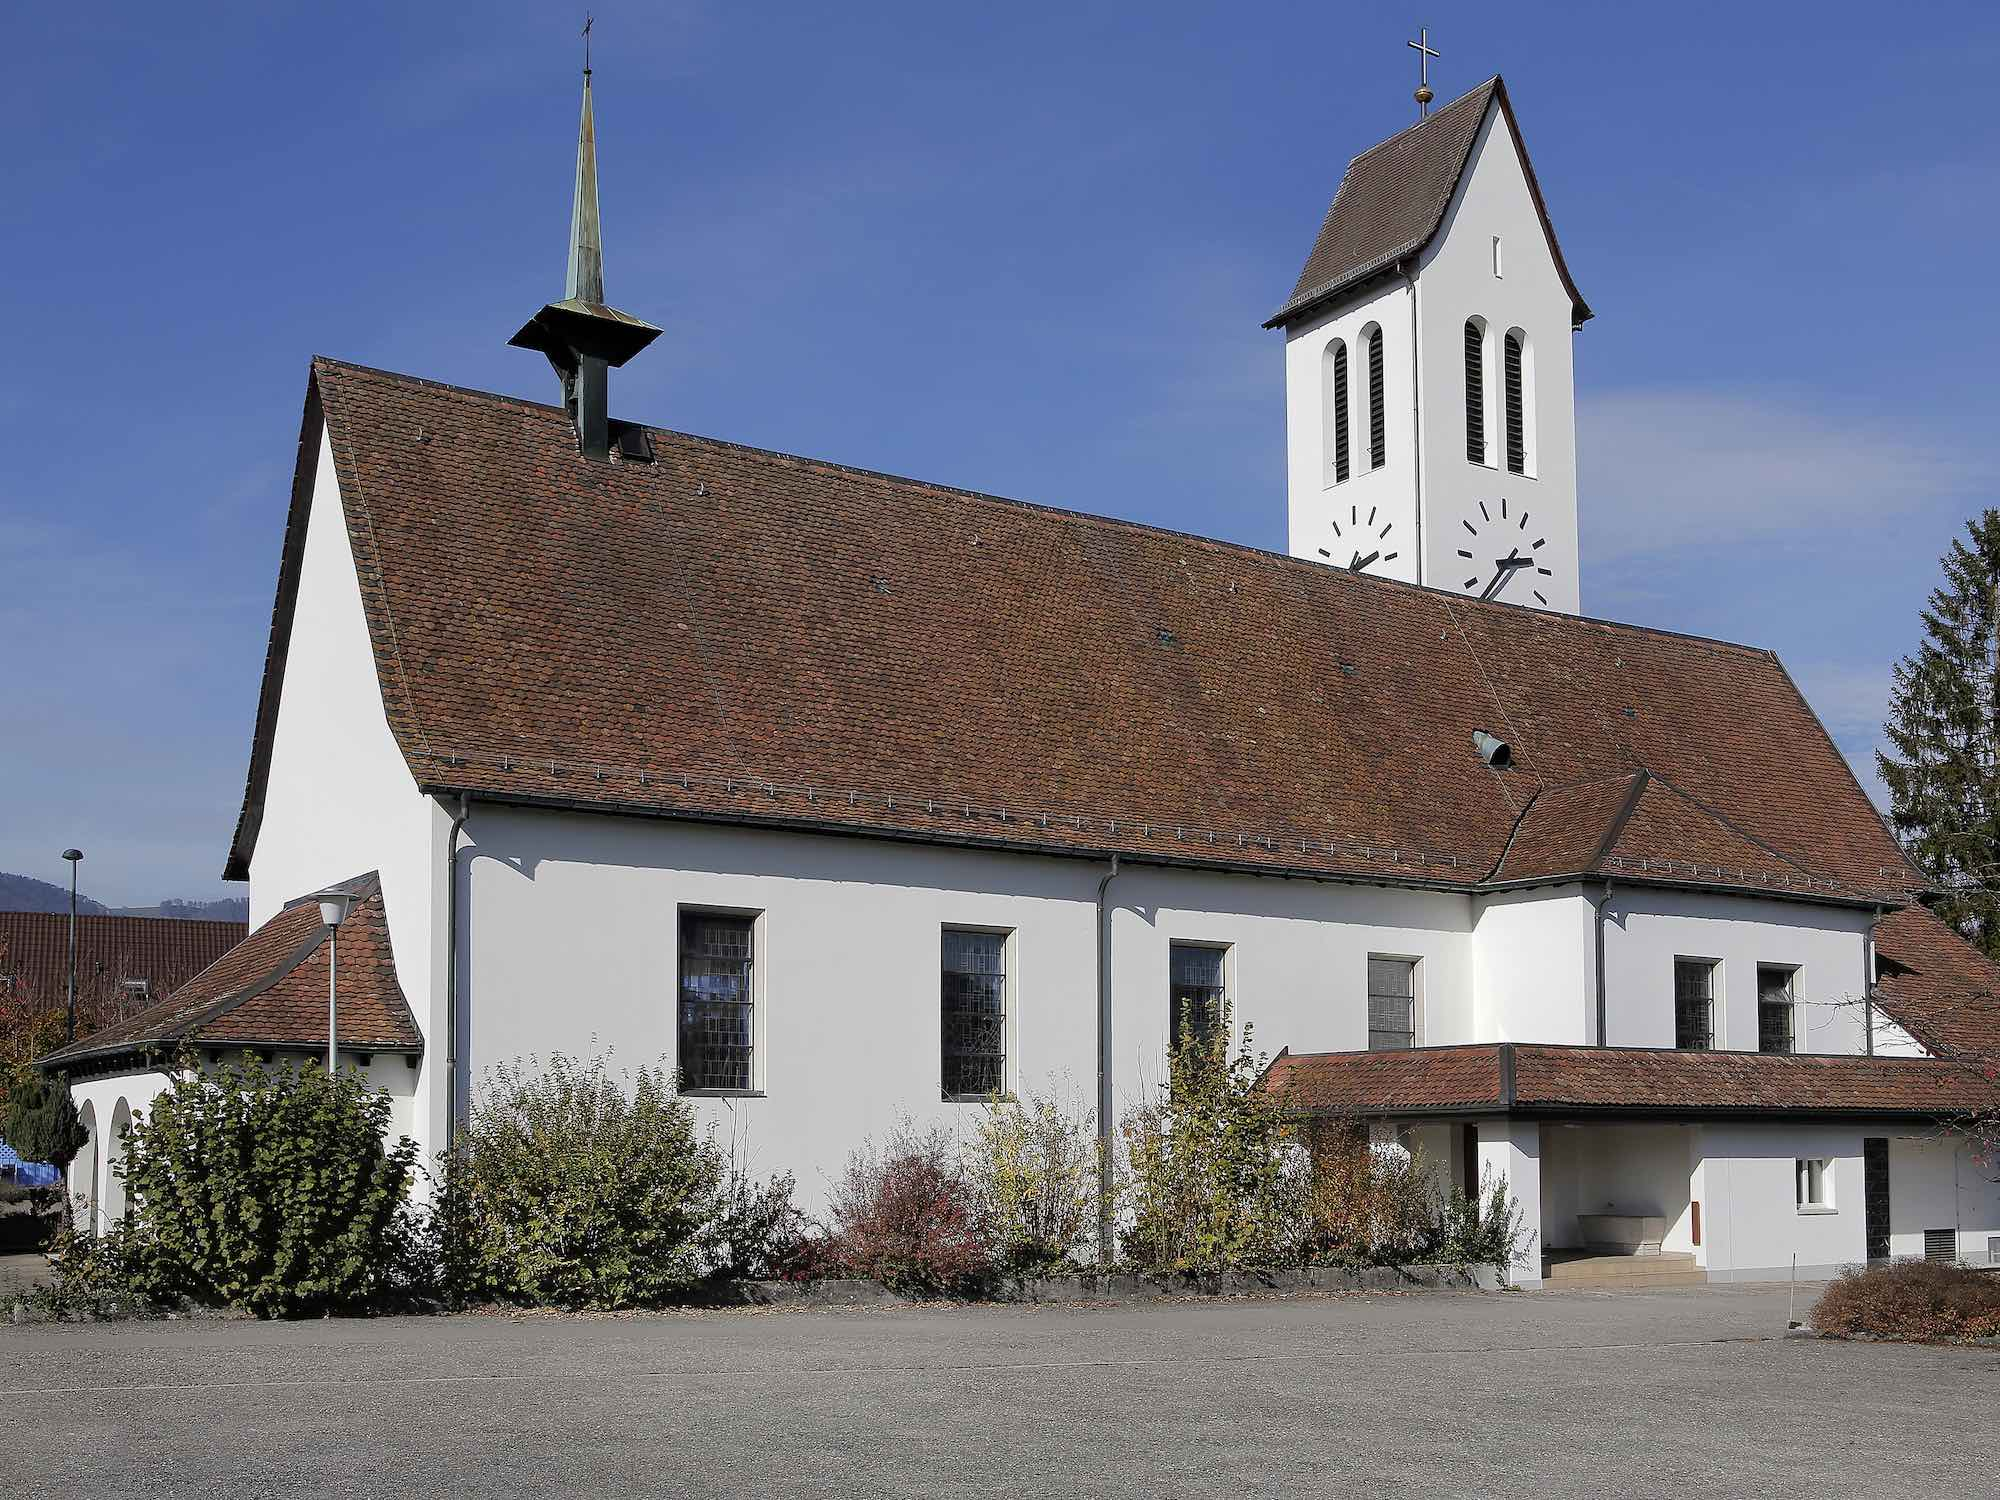 Putz-Arbeiten an historischen Gebäuden durch die Viktor Wyss AG in Flumenthal, Solothurn